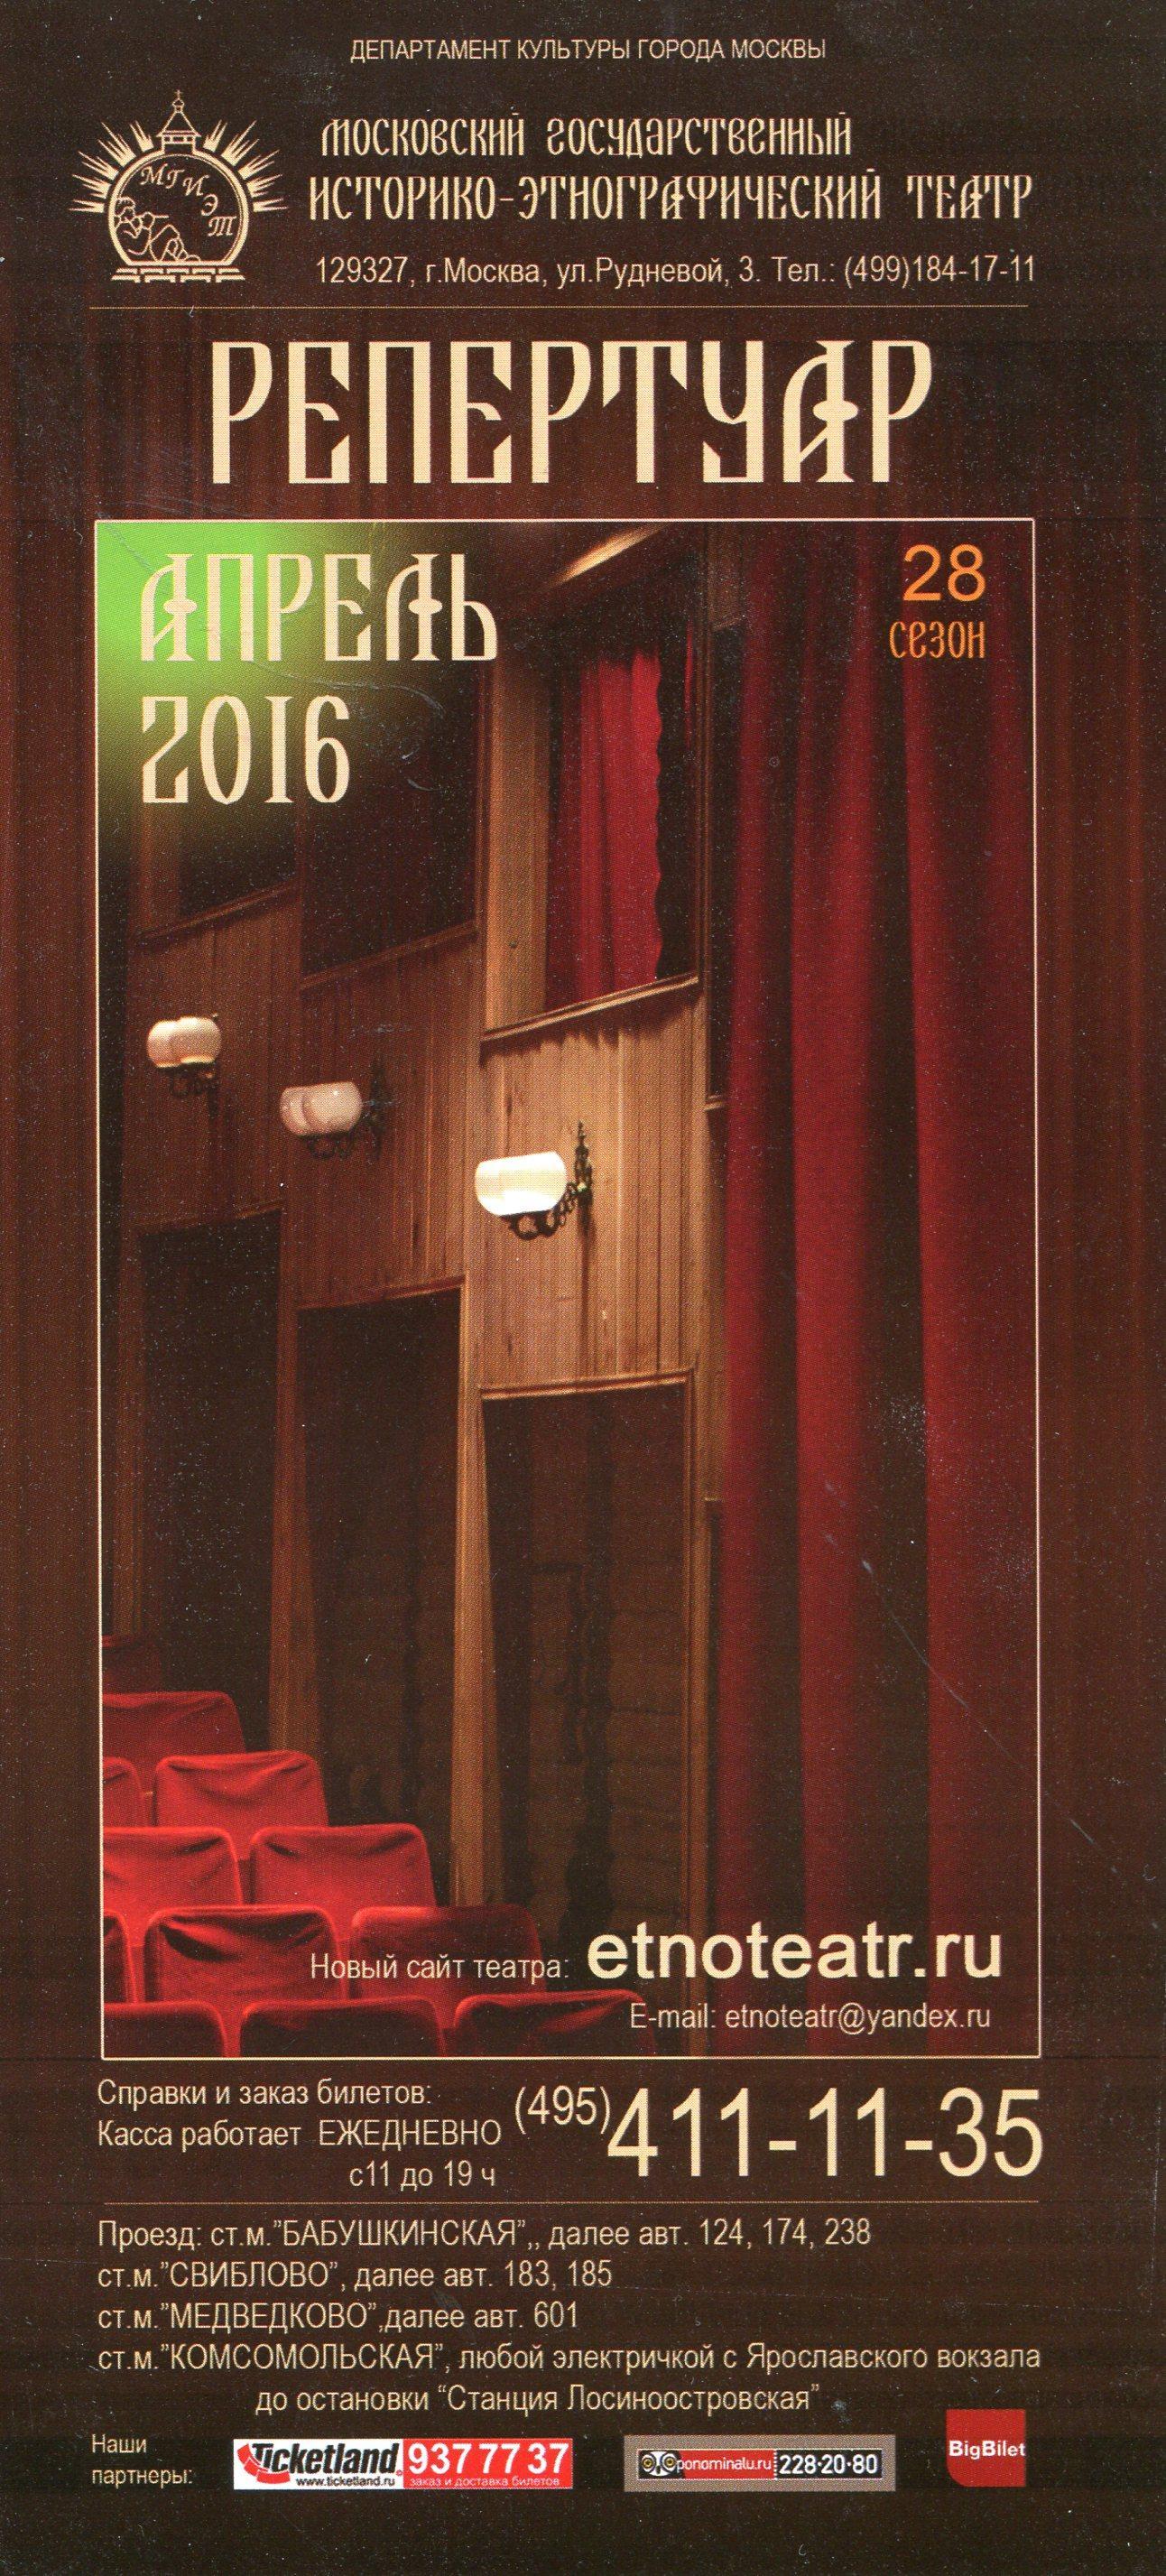 Афиша на апрель 2016 года Историко-этнографического театра